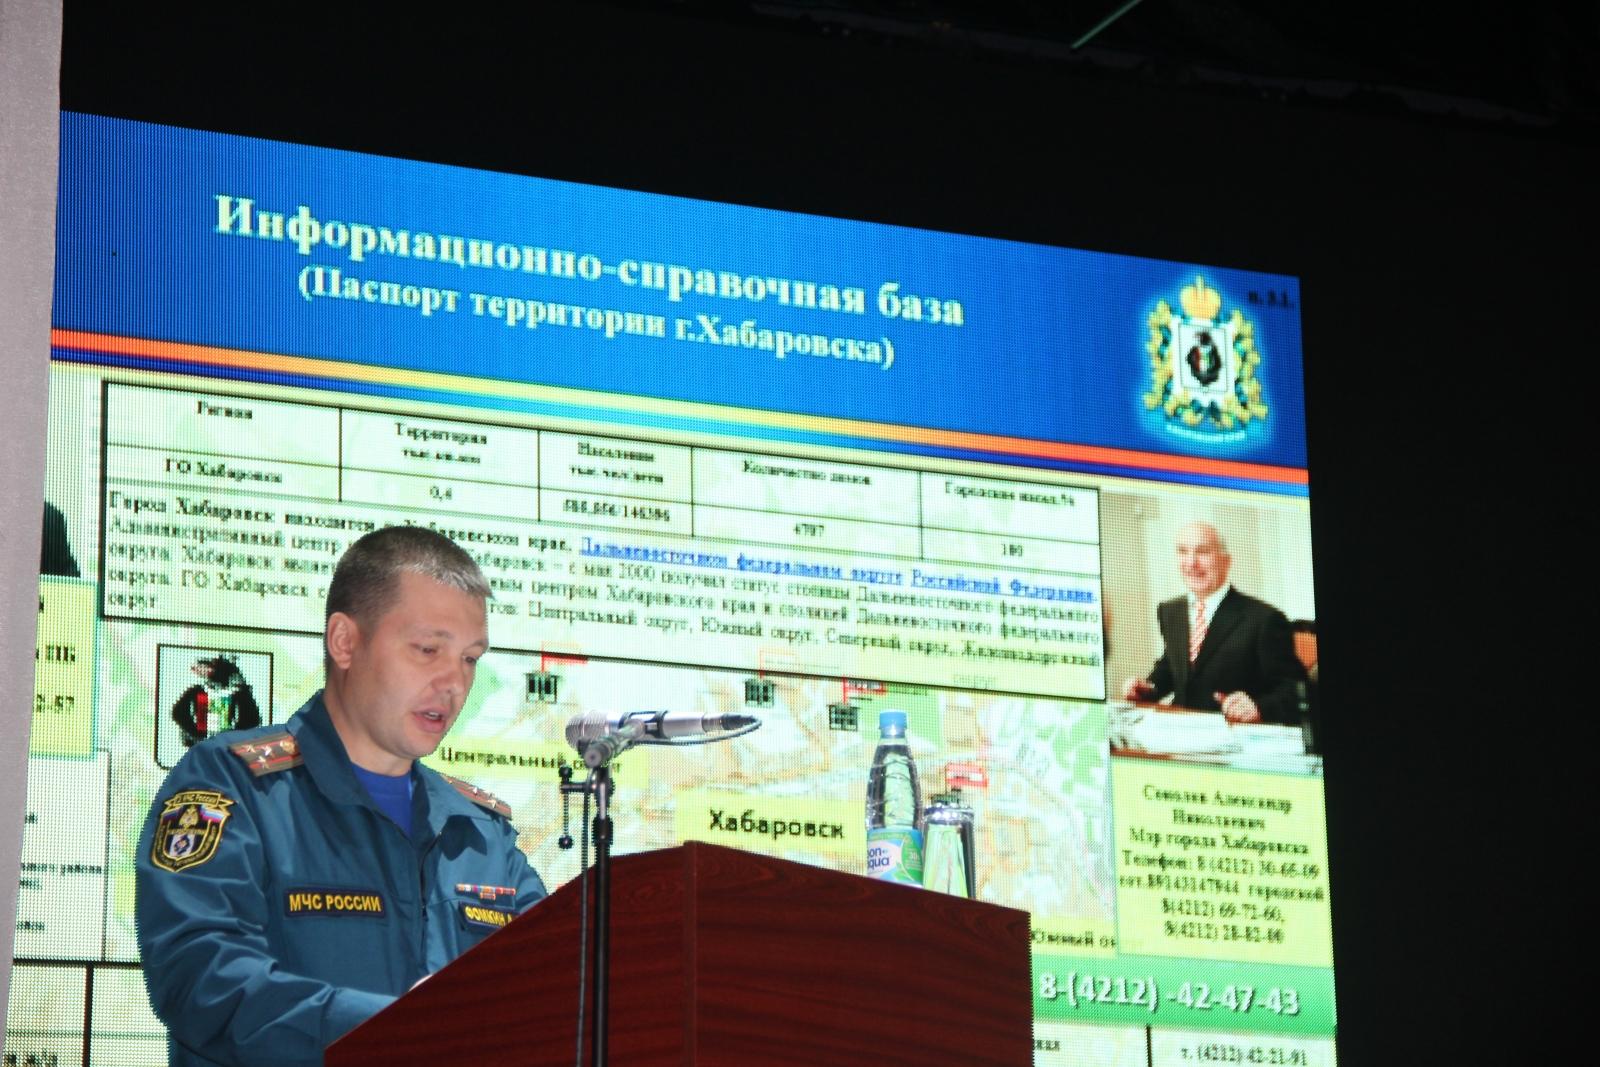 Подведение итогов деятельности территориальной подсистемы РСЧС Хабаровского края 4-5 декабря 2014 года